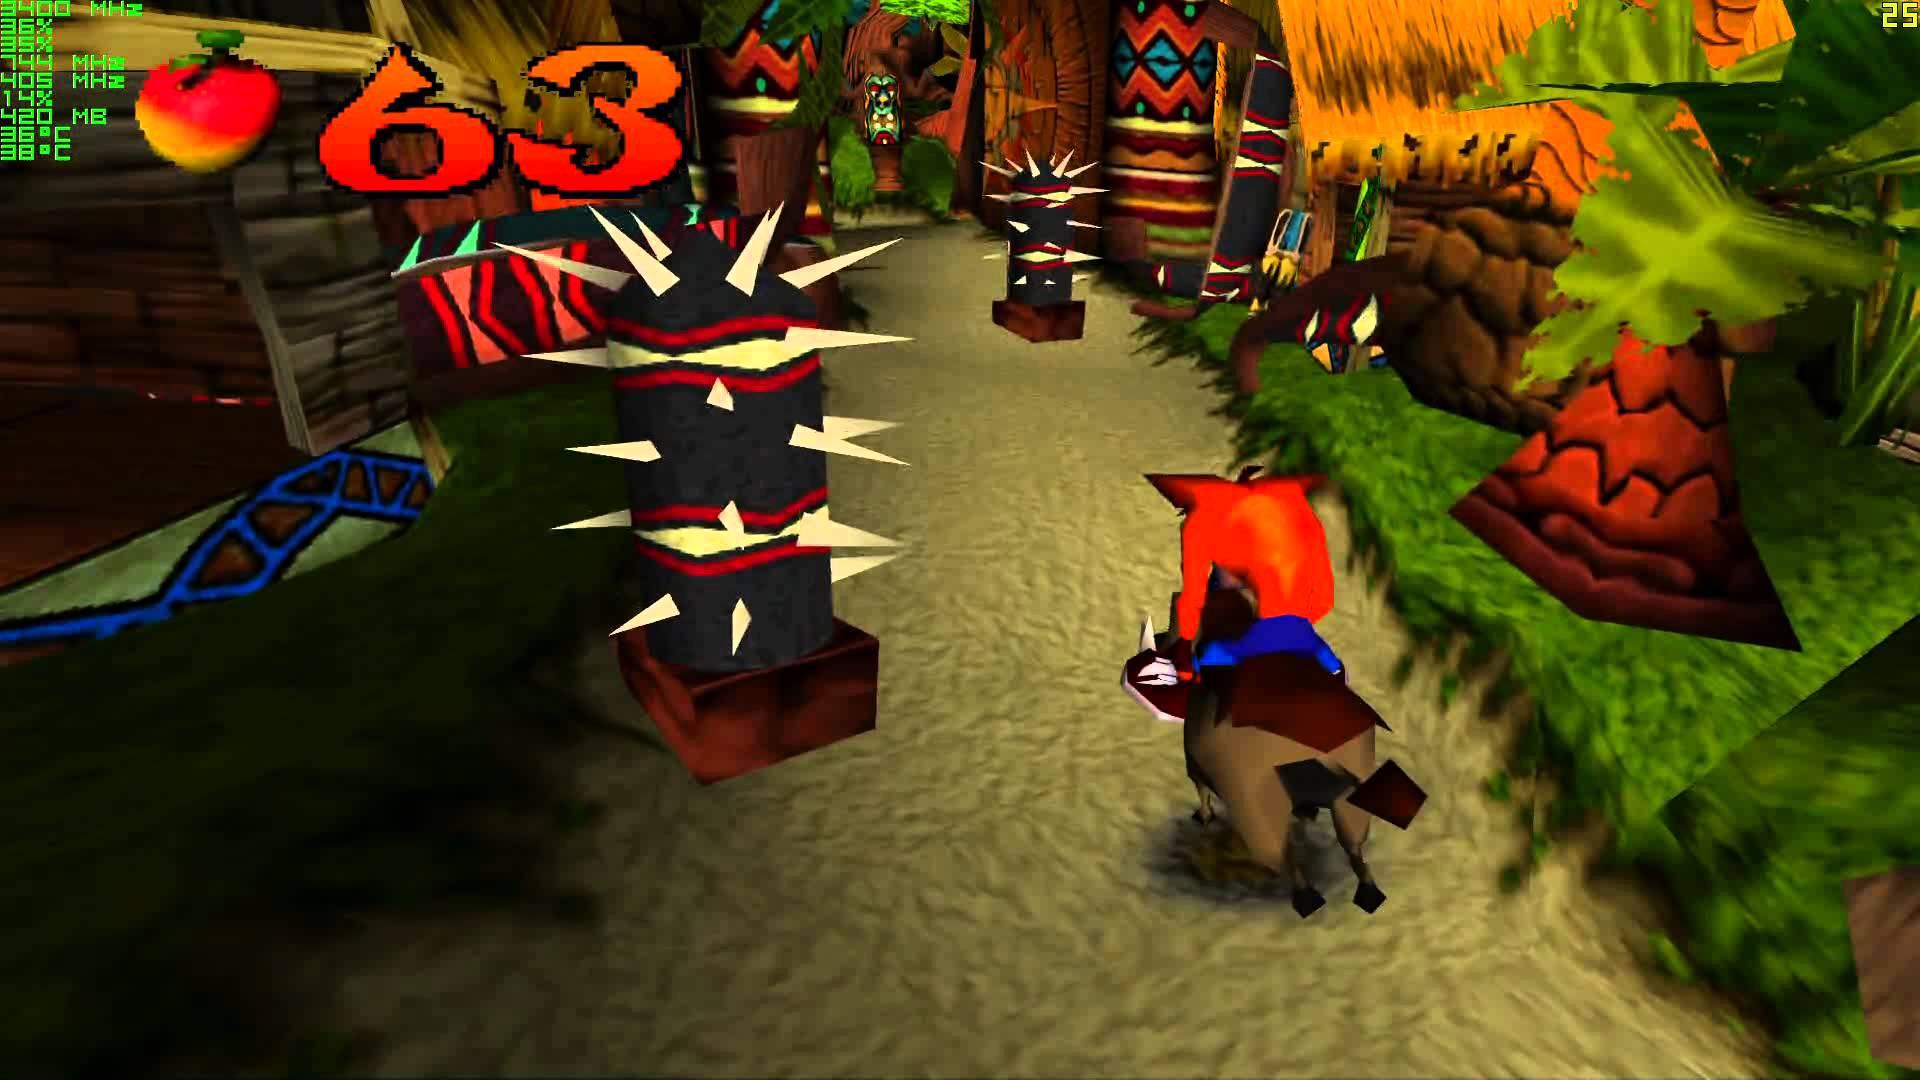 CrashBandicoot-HogWild-1996